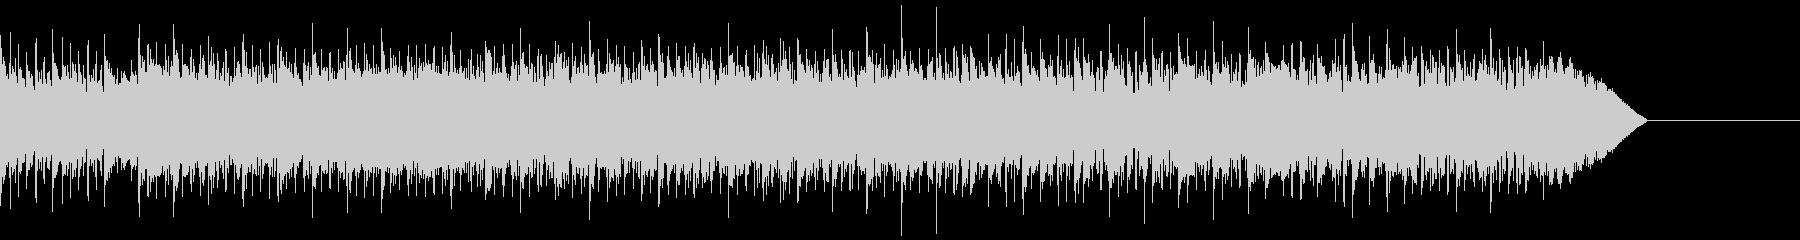 15秒の短いスピードメタル系ドラムソロの未再生の波形